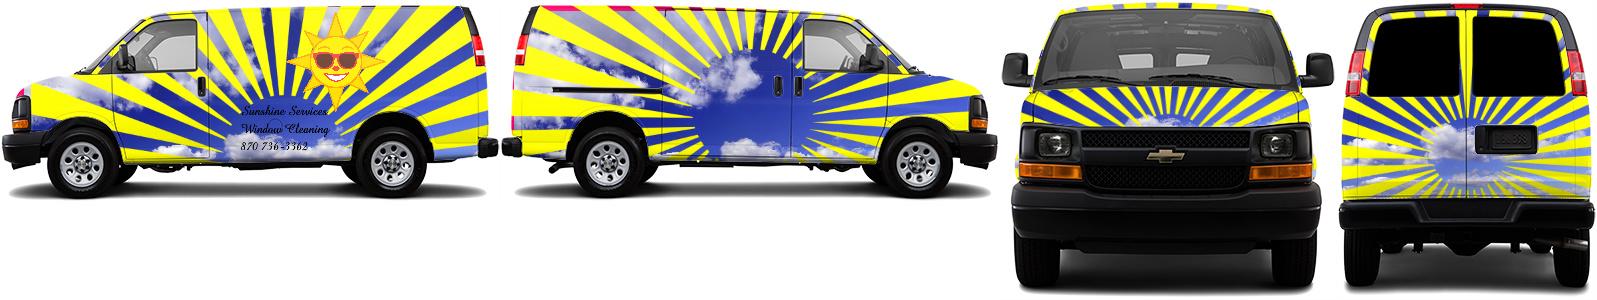 Cargo Van Wrap #43959